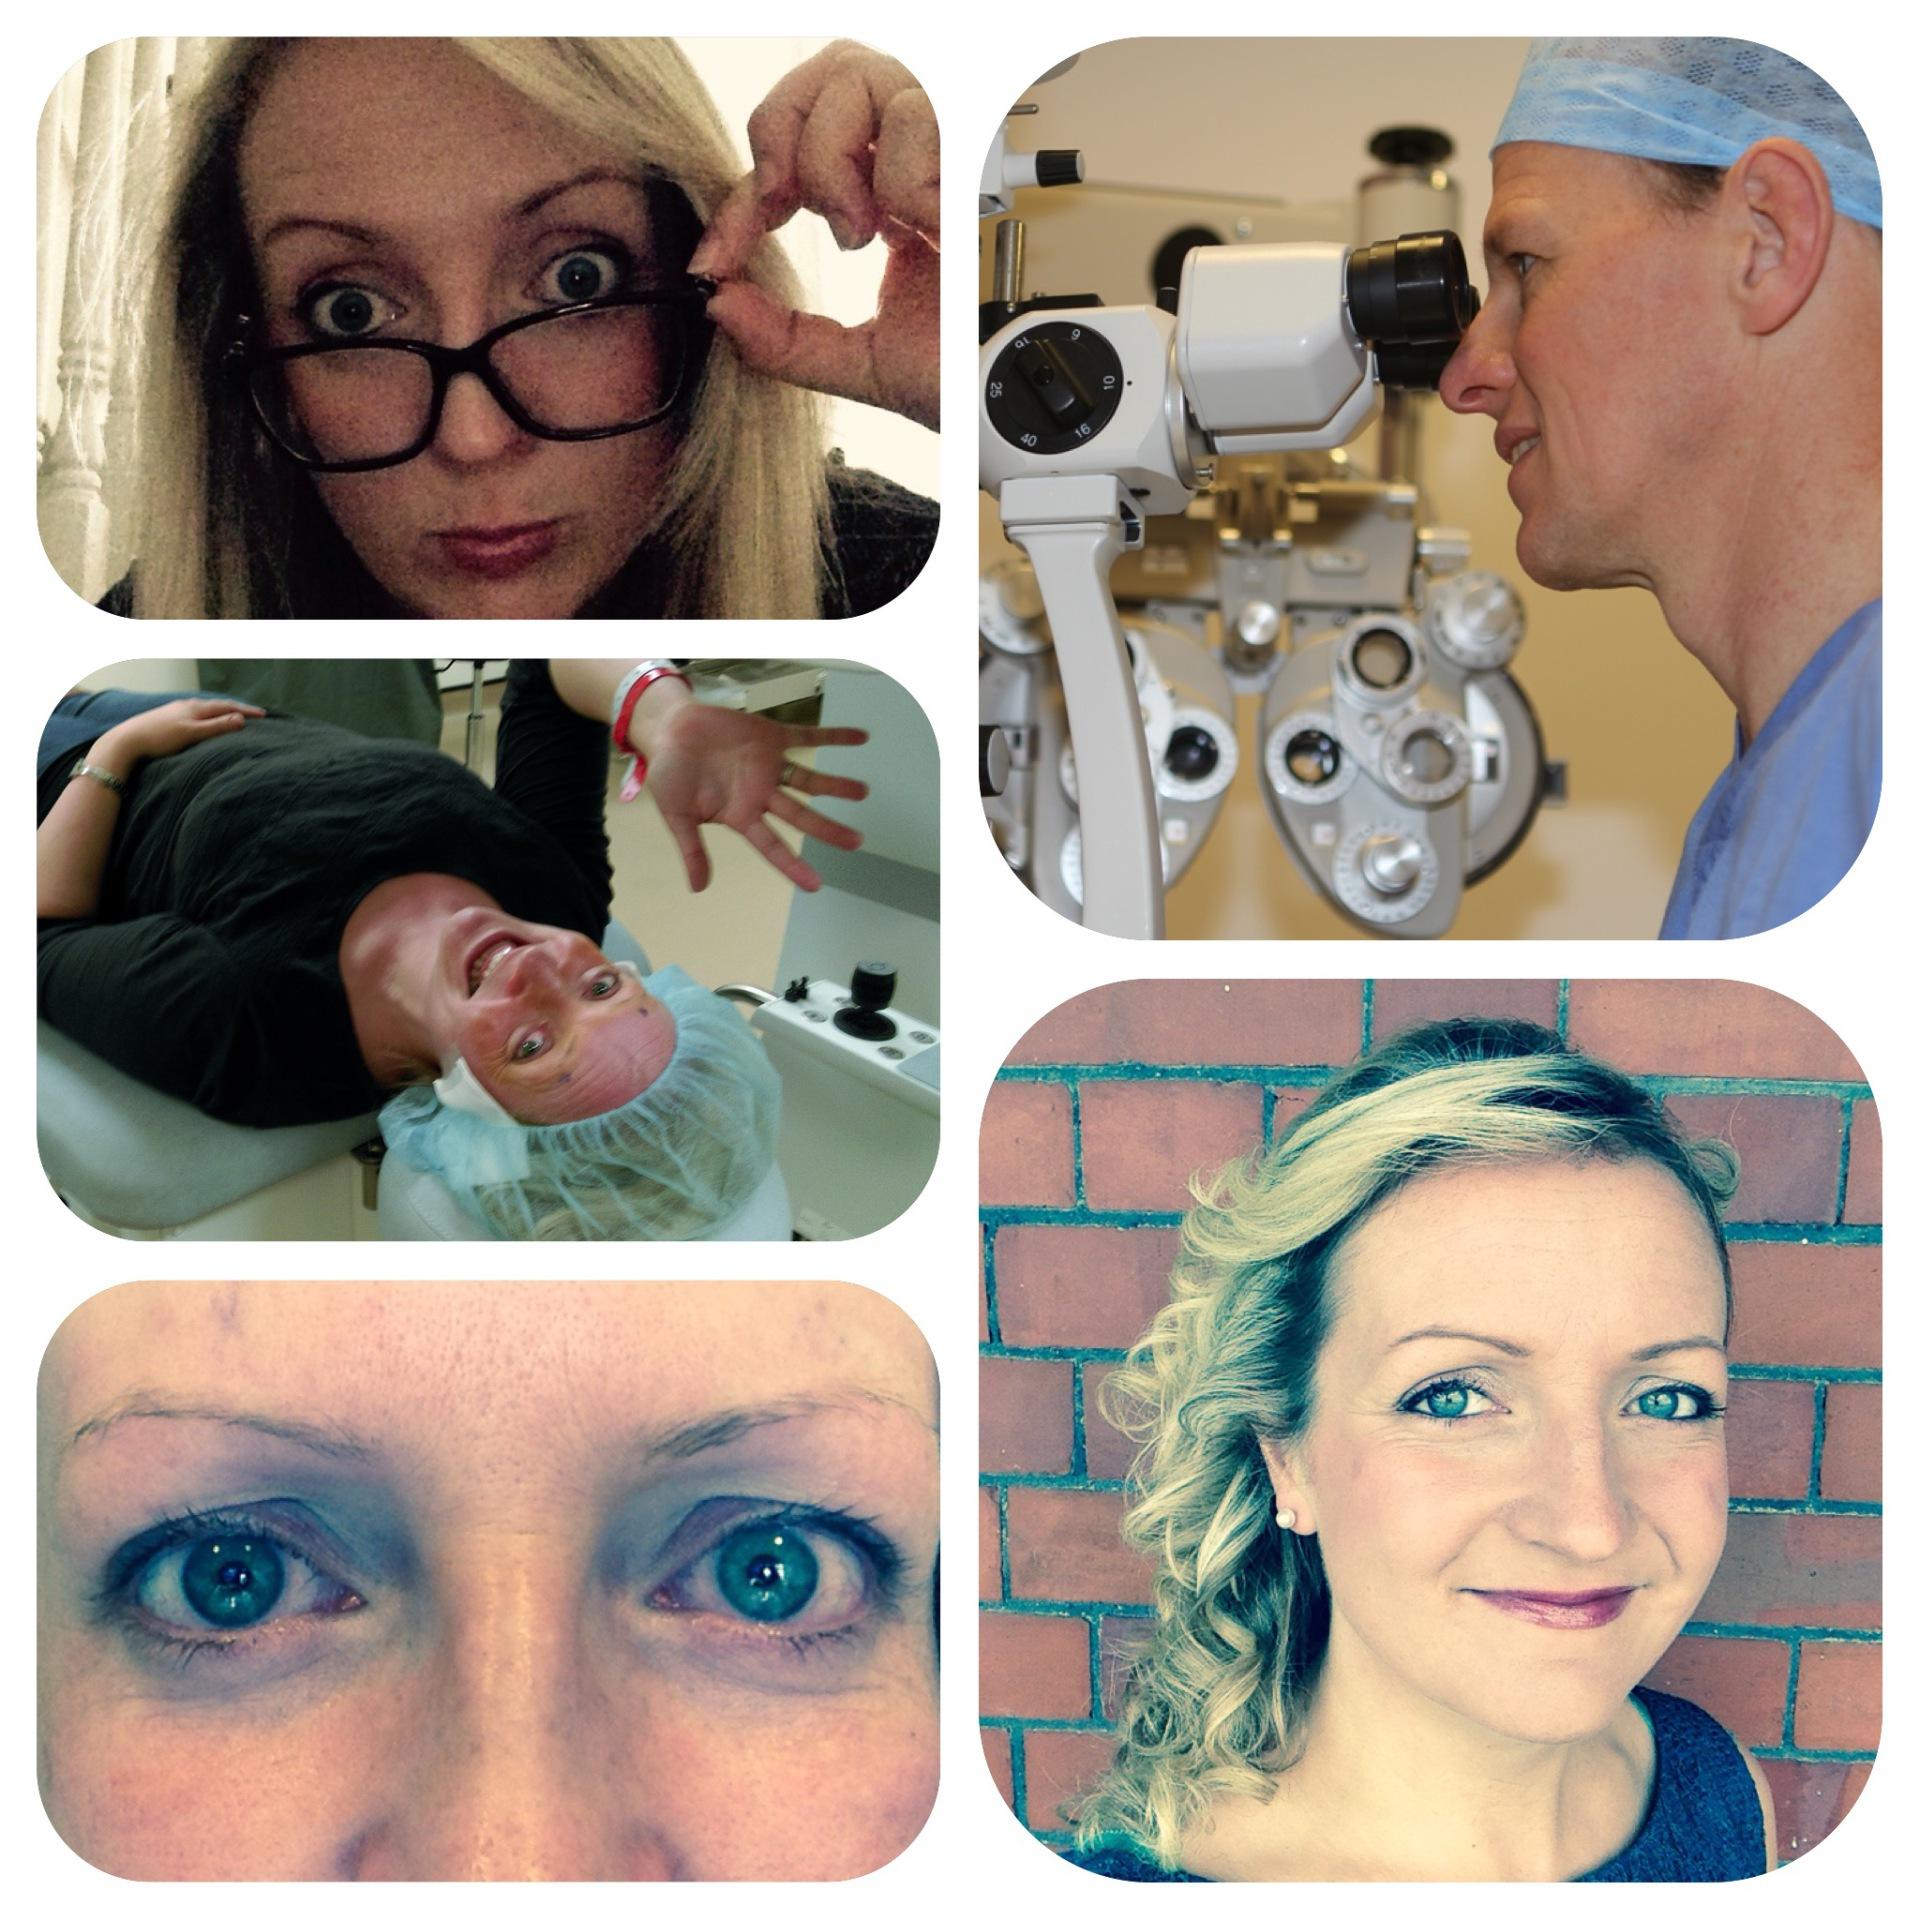 An honest account of Eye Laser Surgery